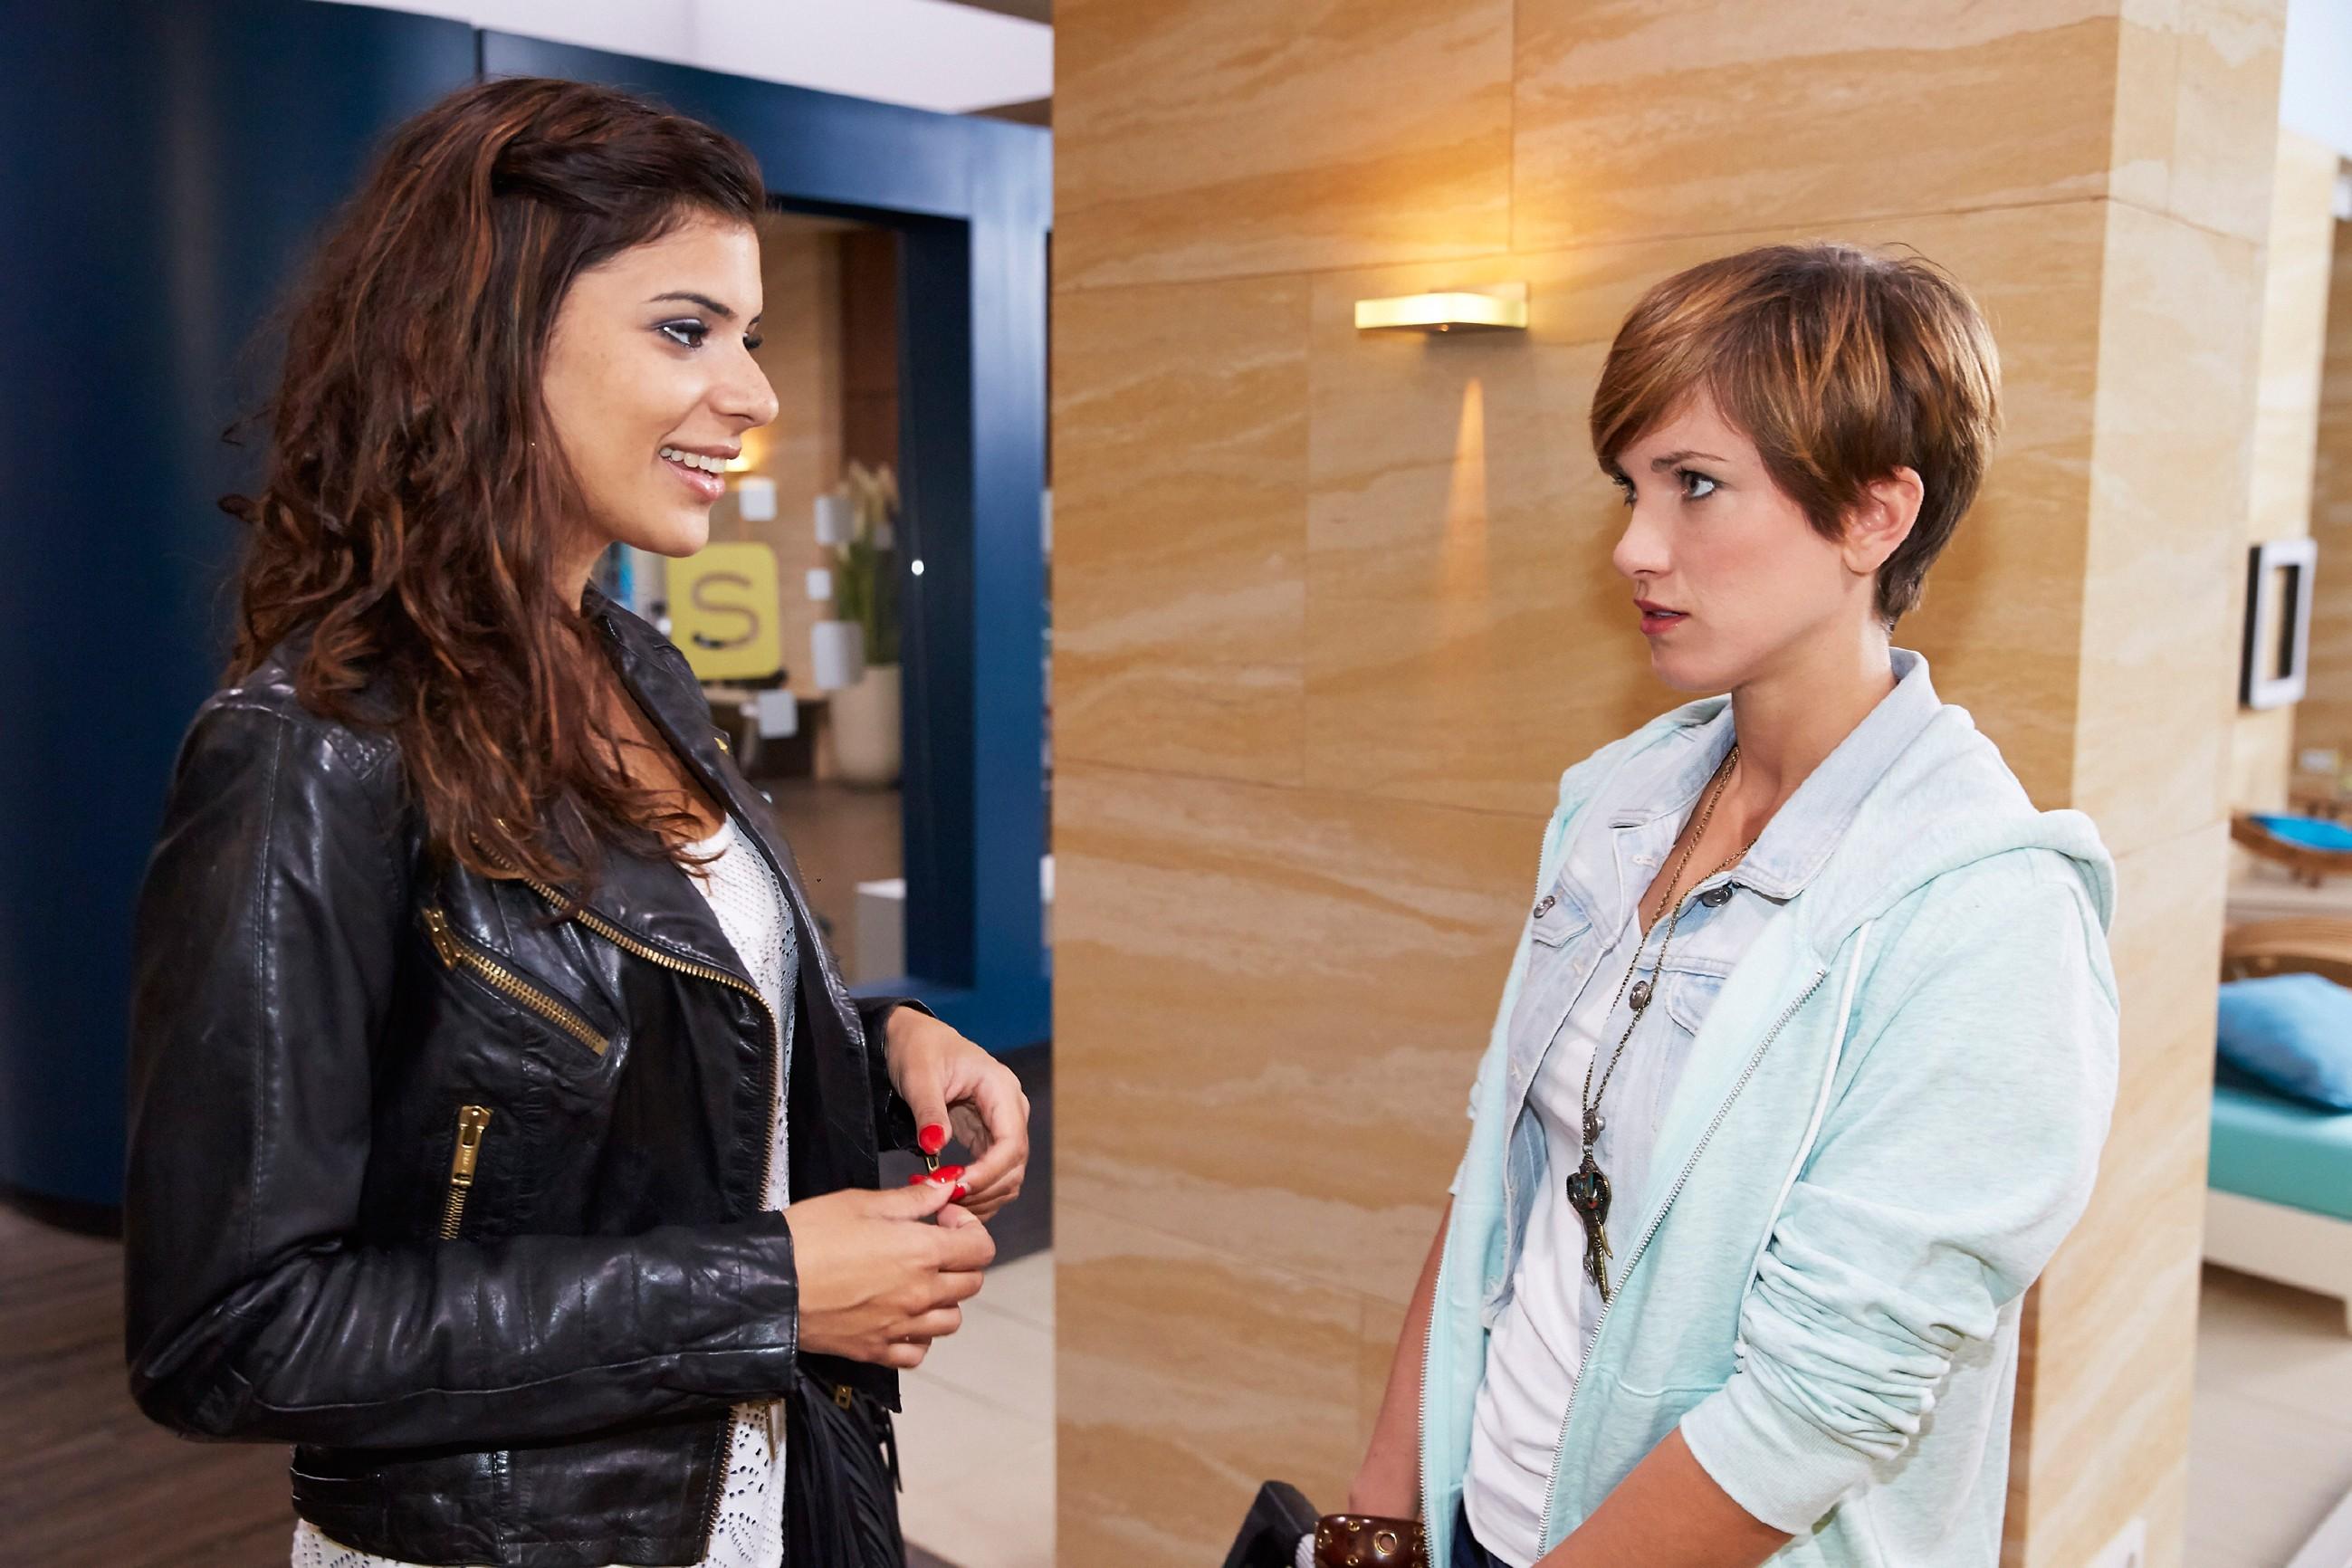 Von Veits Drohung eingeschüchtert, wagt Pia (Isabell Horn) es nicht, sich ihrer Freundin Tina (Tanja Tischewitsch) anzuvertrauen. (Quelle: © RTL / Guido Engels)